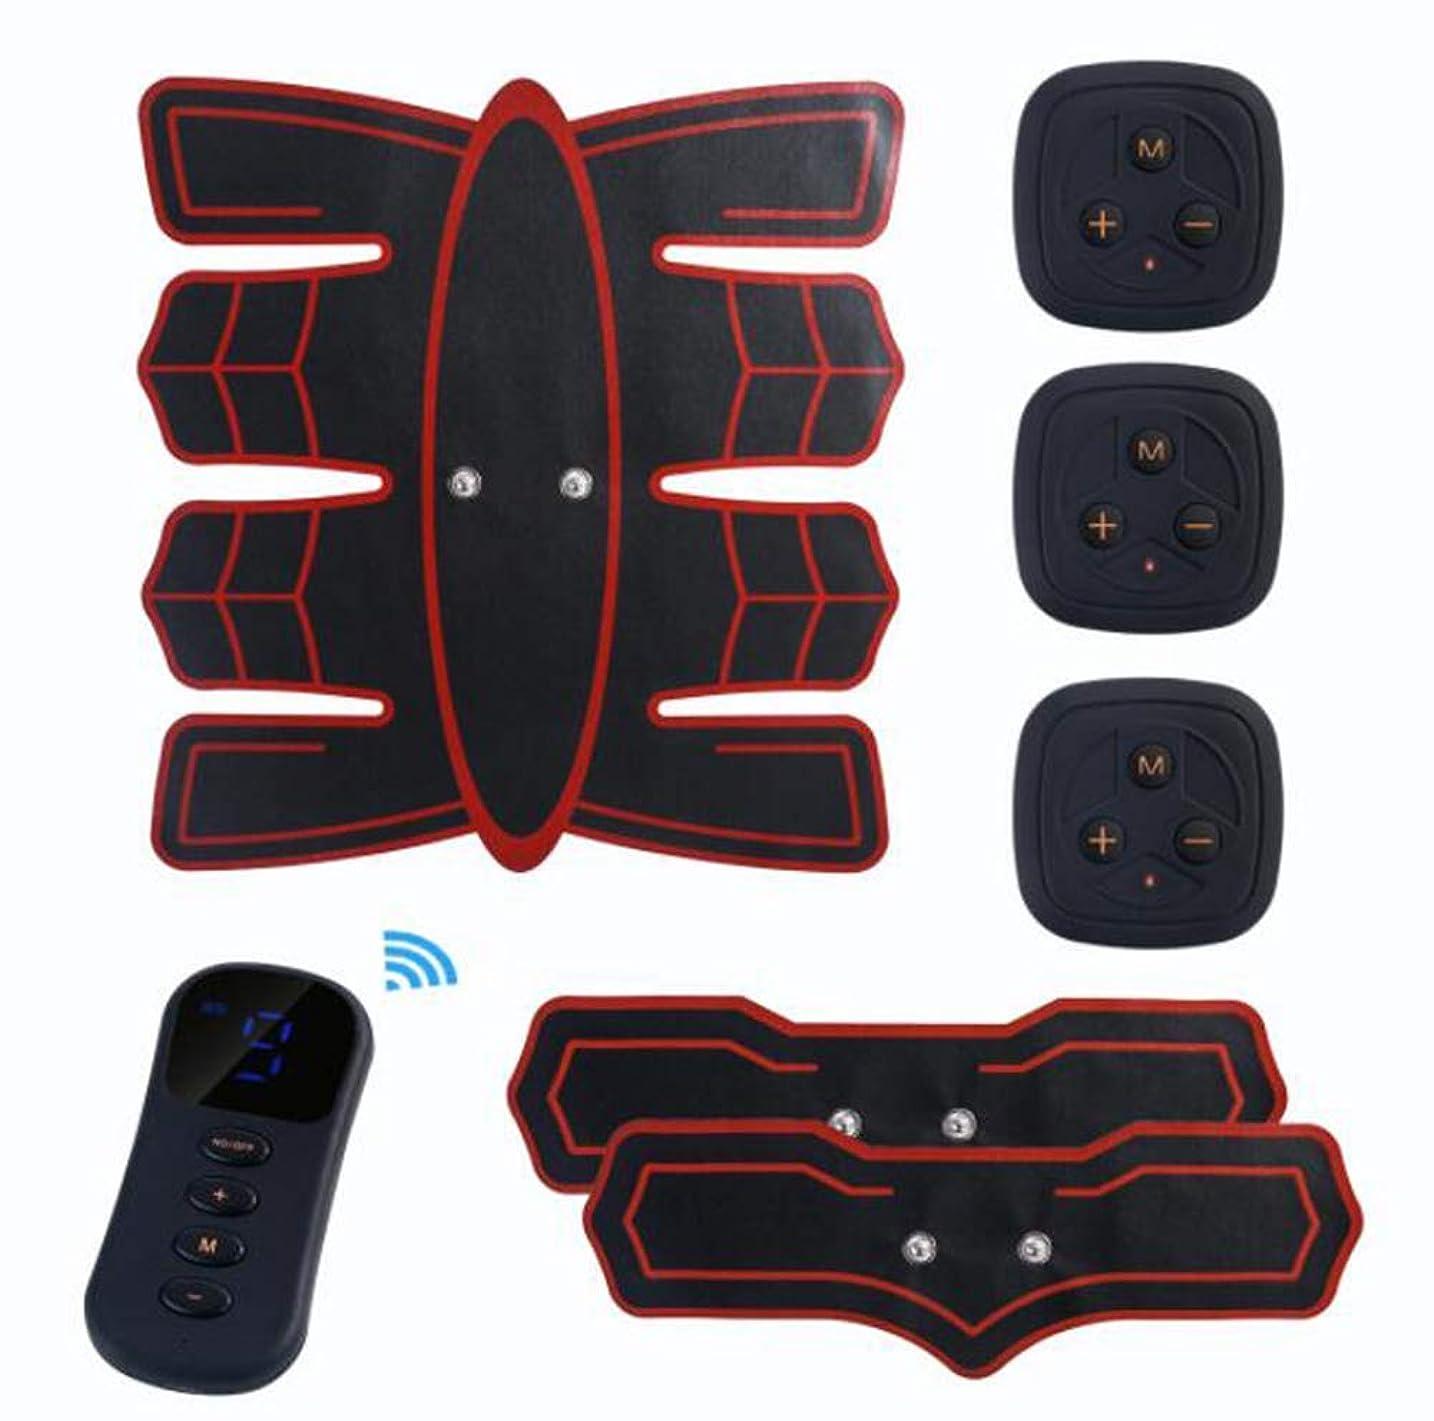 雑草ドット指定するGWM マッスルトレーナー腹部マッサージャー、腹部電気刺激装置EMS腹部トレーナー、ワイヤレス電子フィットネスマッサージャーセット腹部脚の男性と女性